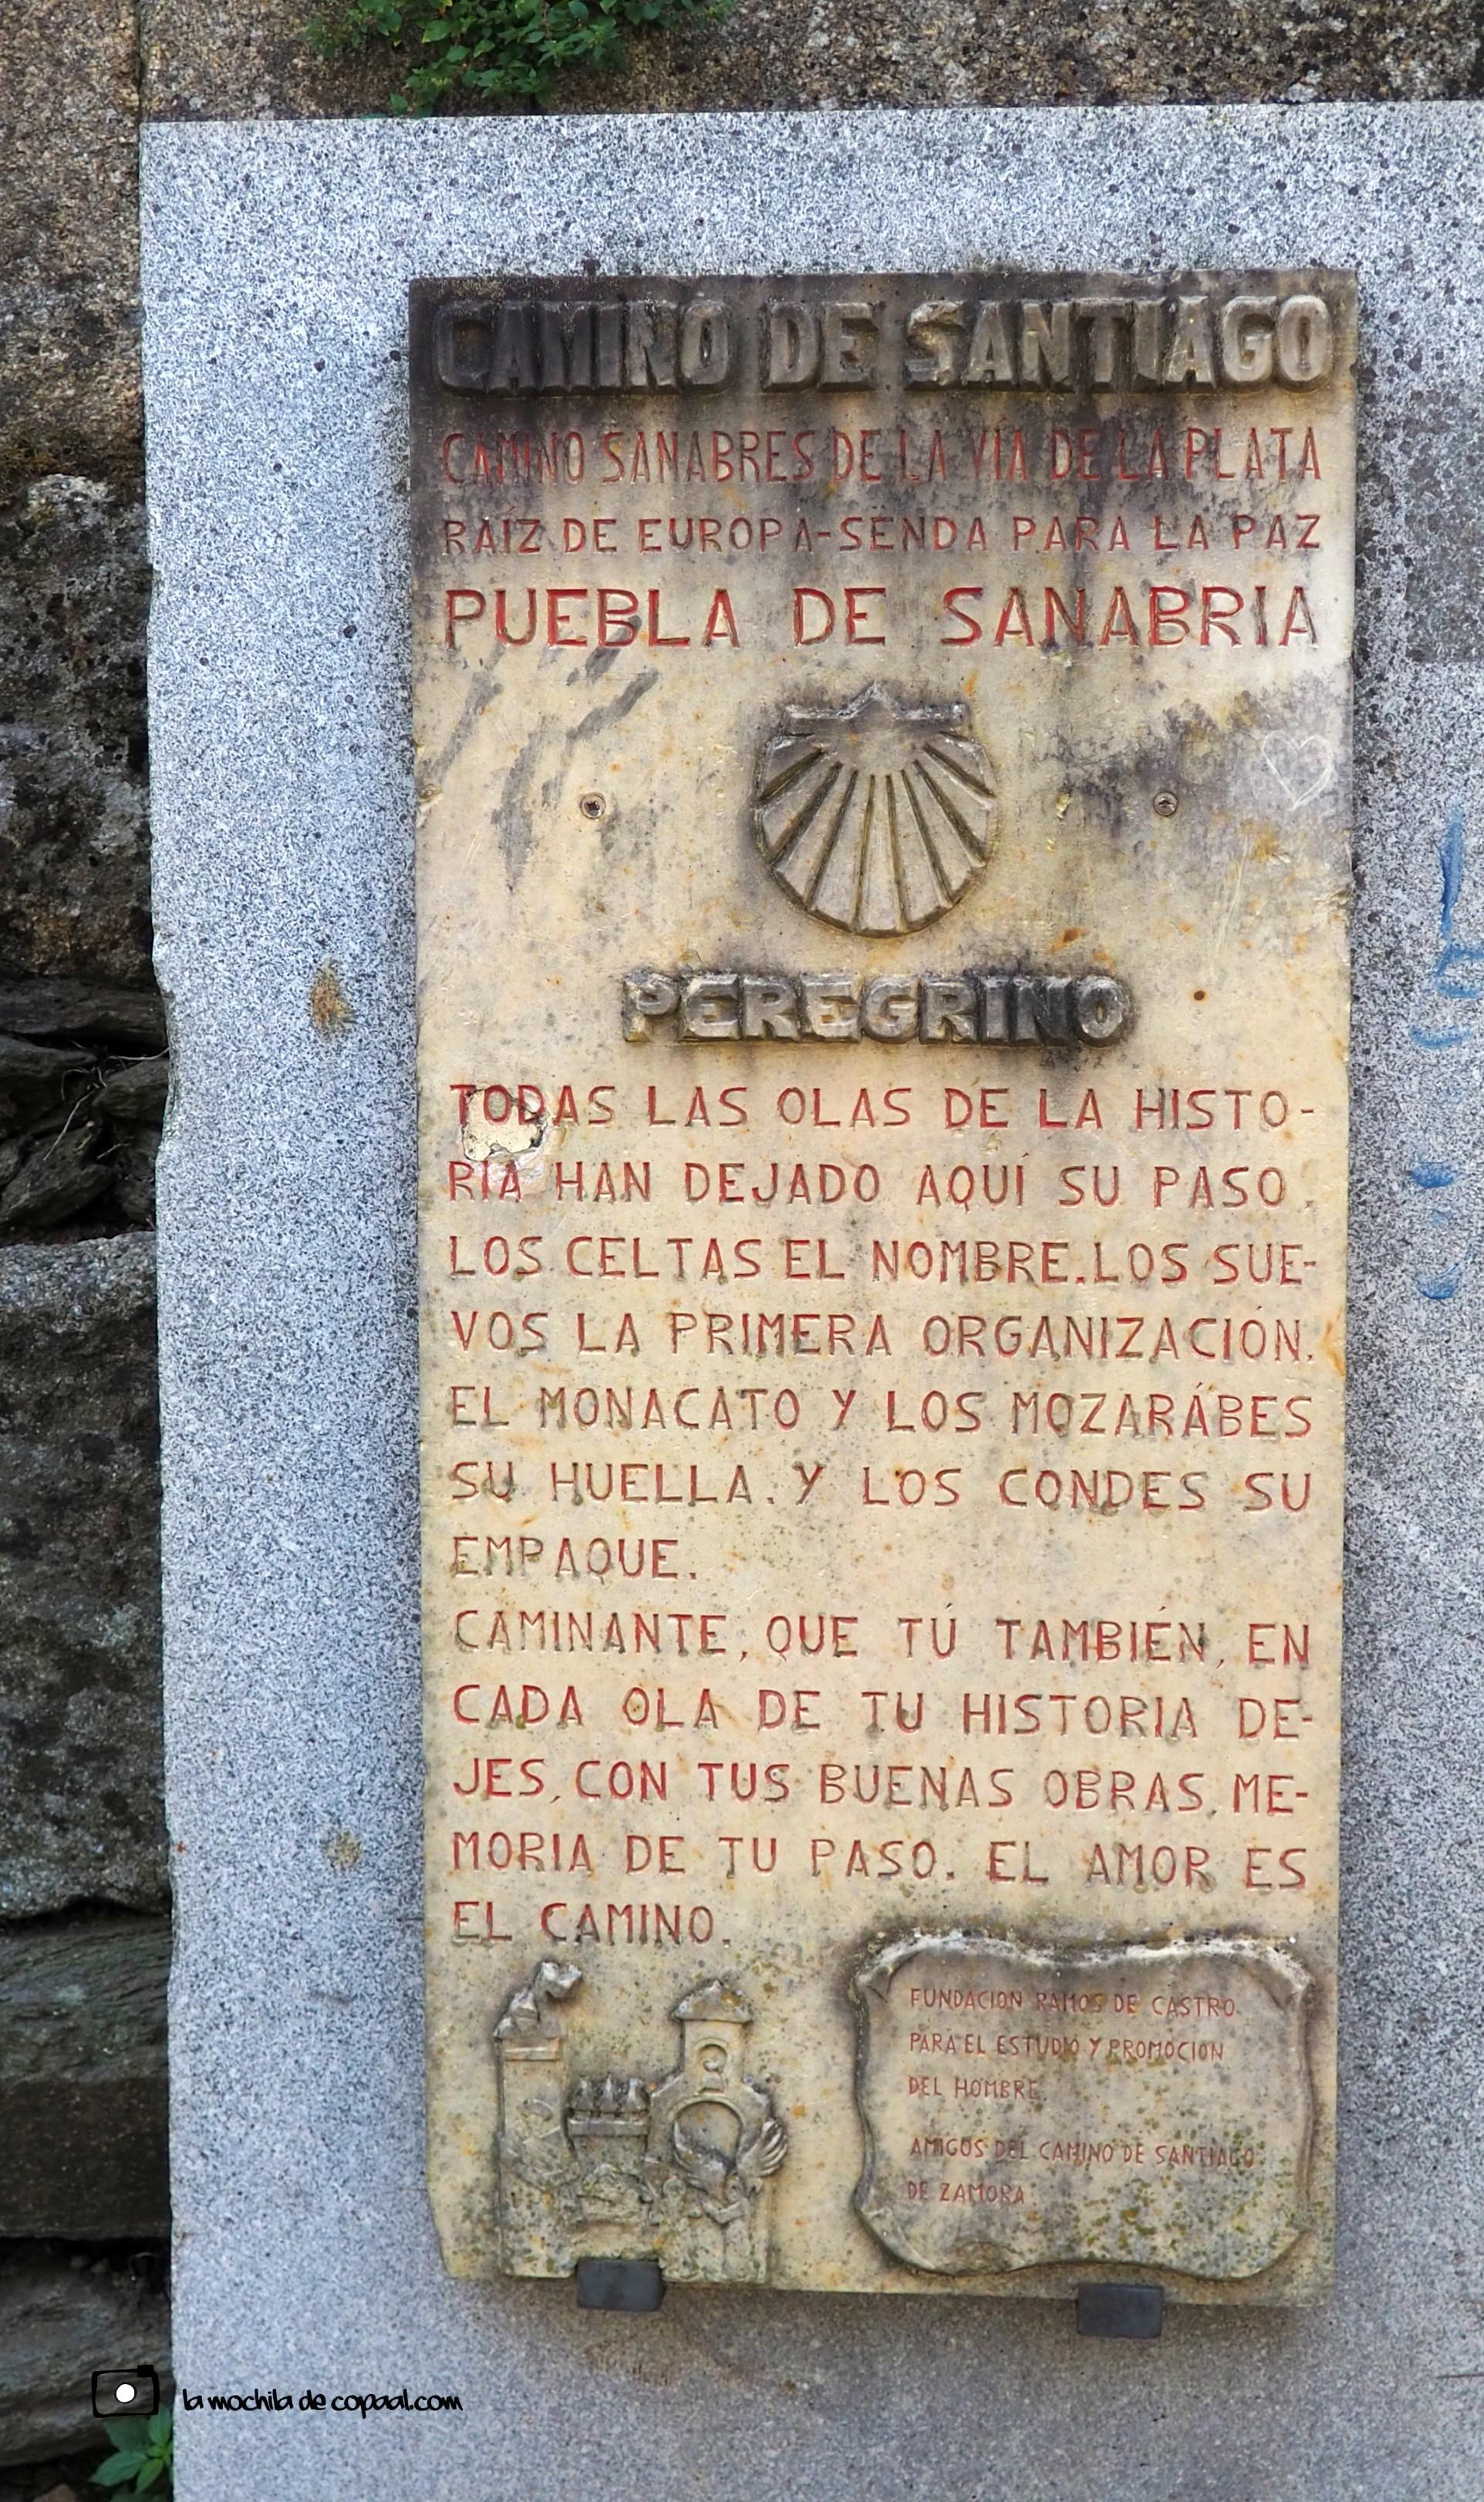 Camino de Santiado